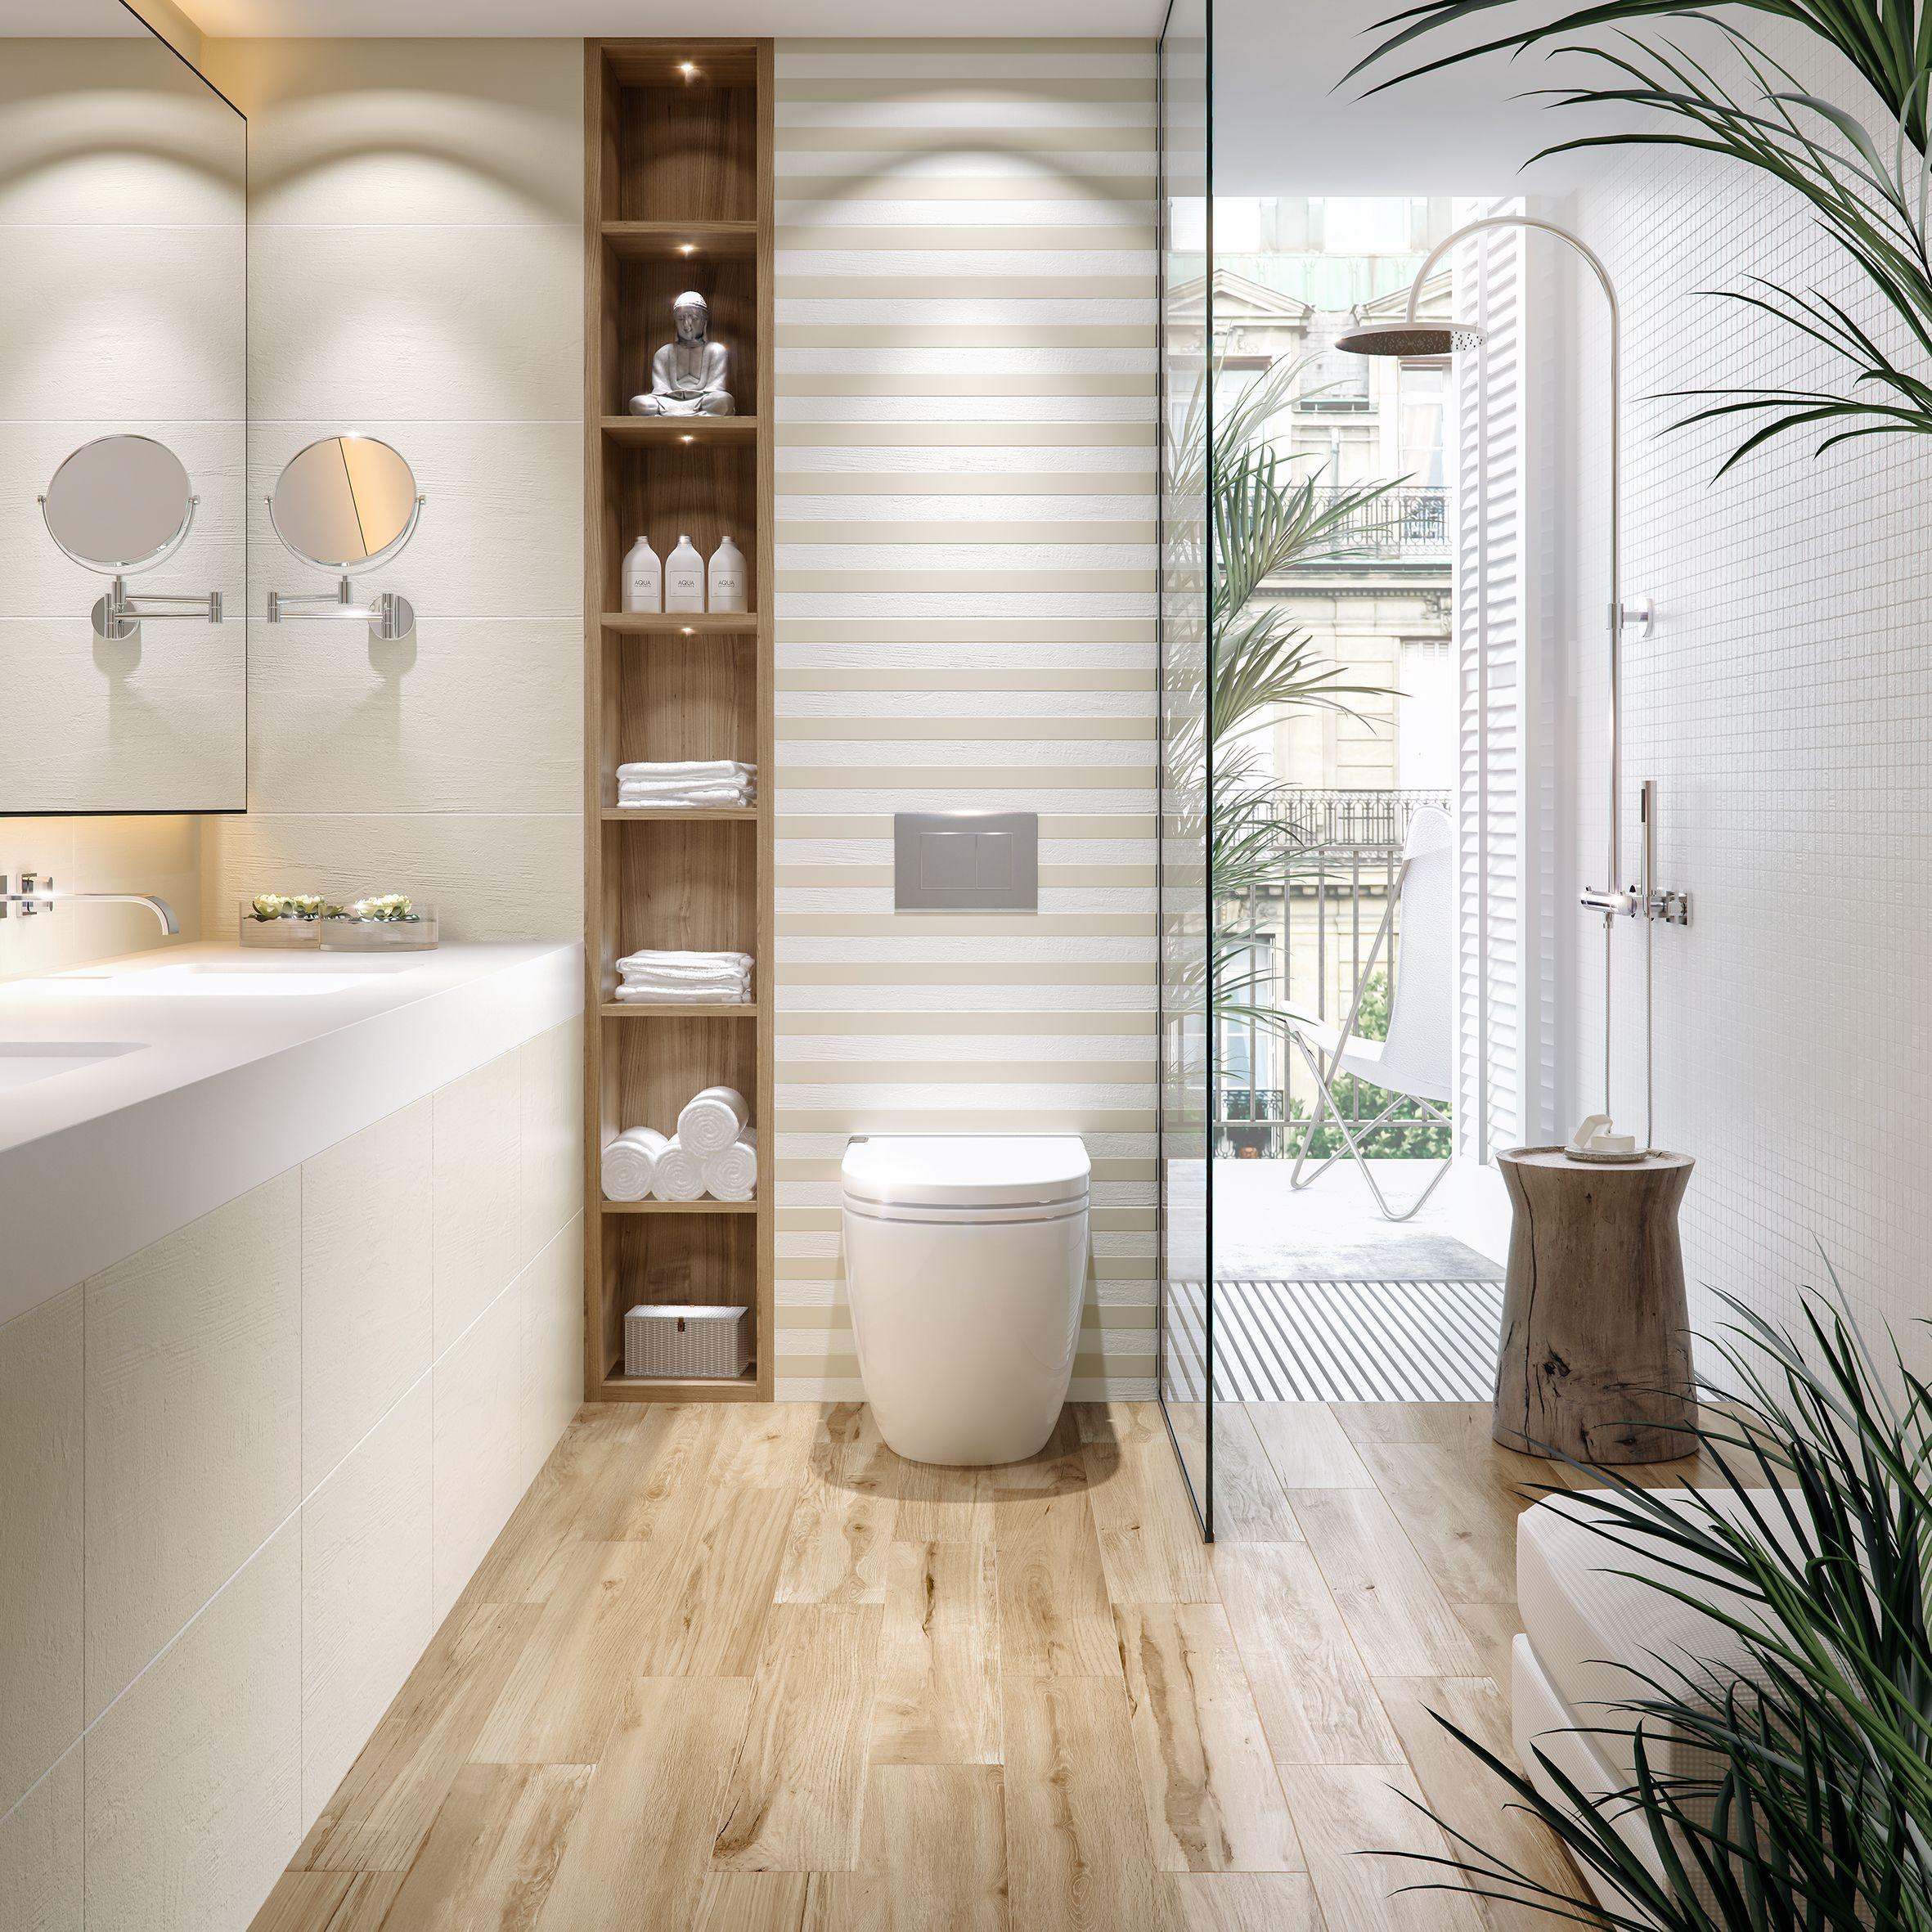 Schone Braune Holzoptikfliesen Kombiniert Mit Einem Schonen Beige Holzoptik Badezimmer Inspir In 2021 Bathroom Interior Design Modern Bathroom Design Modern Bathroom